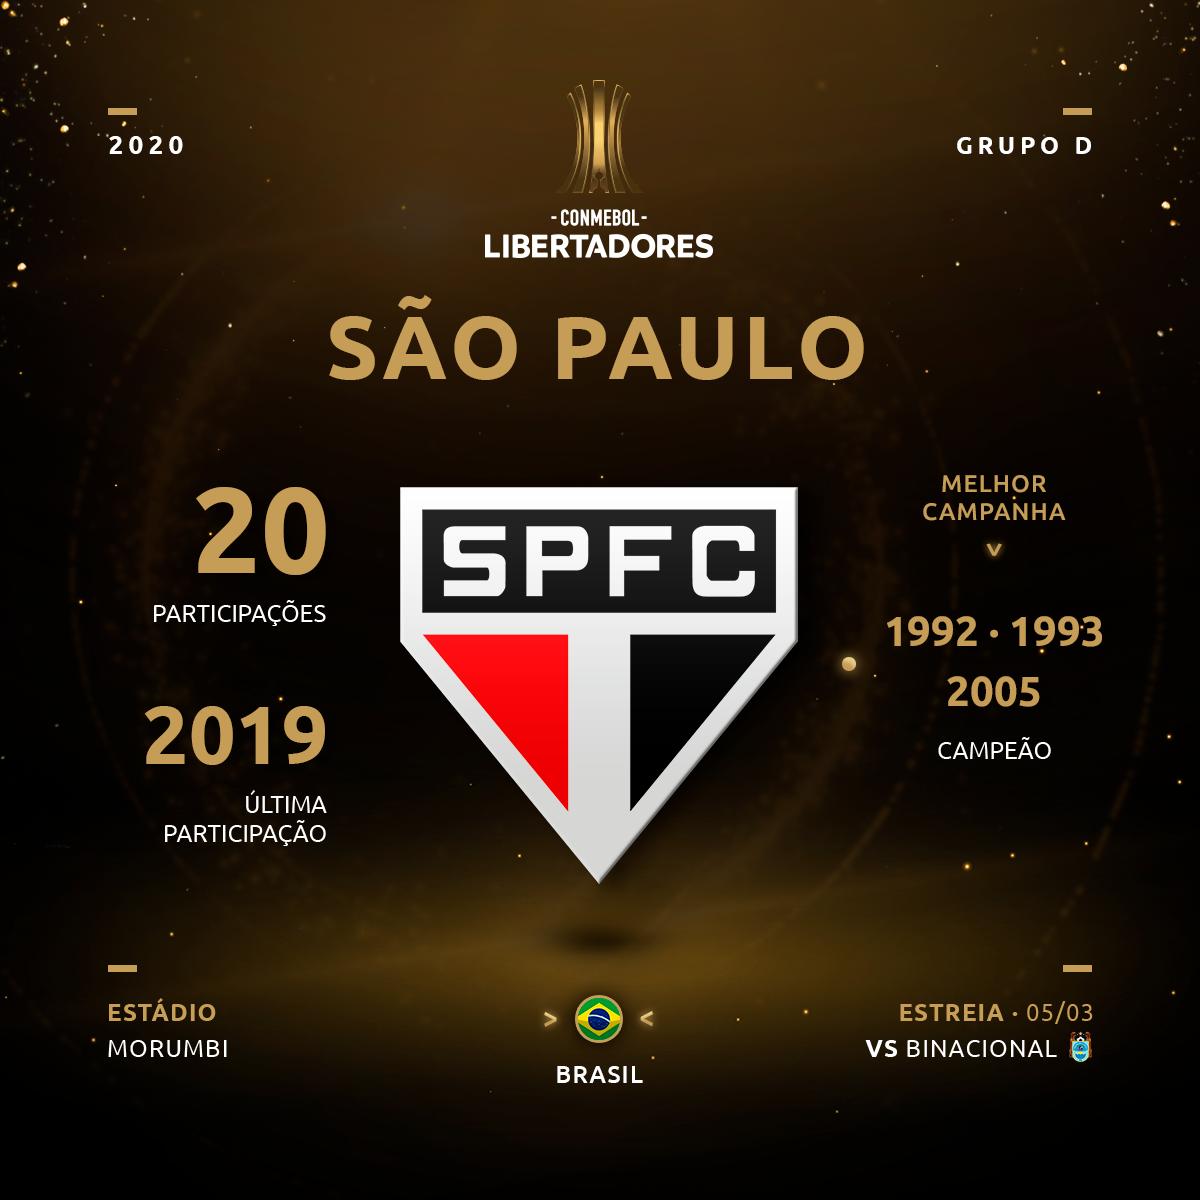 São Paulo Libertadores 2020